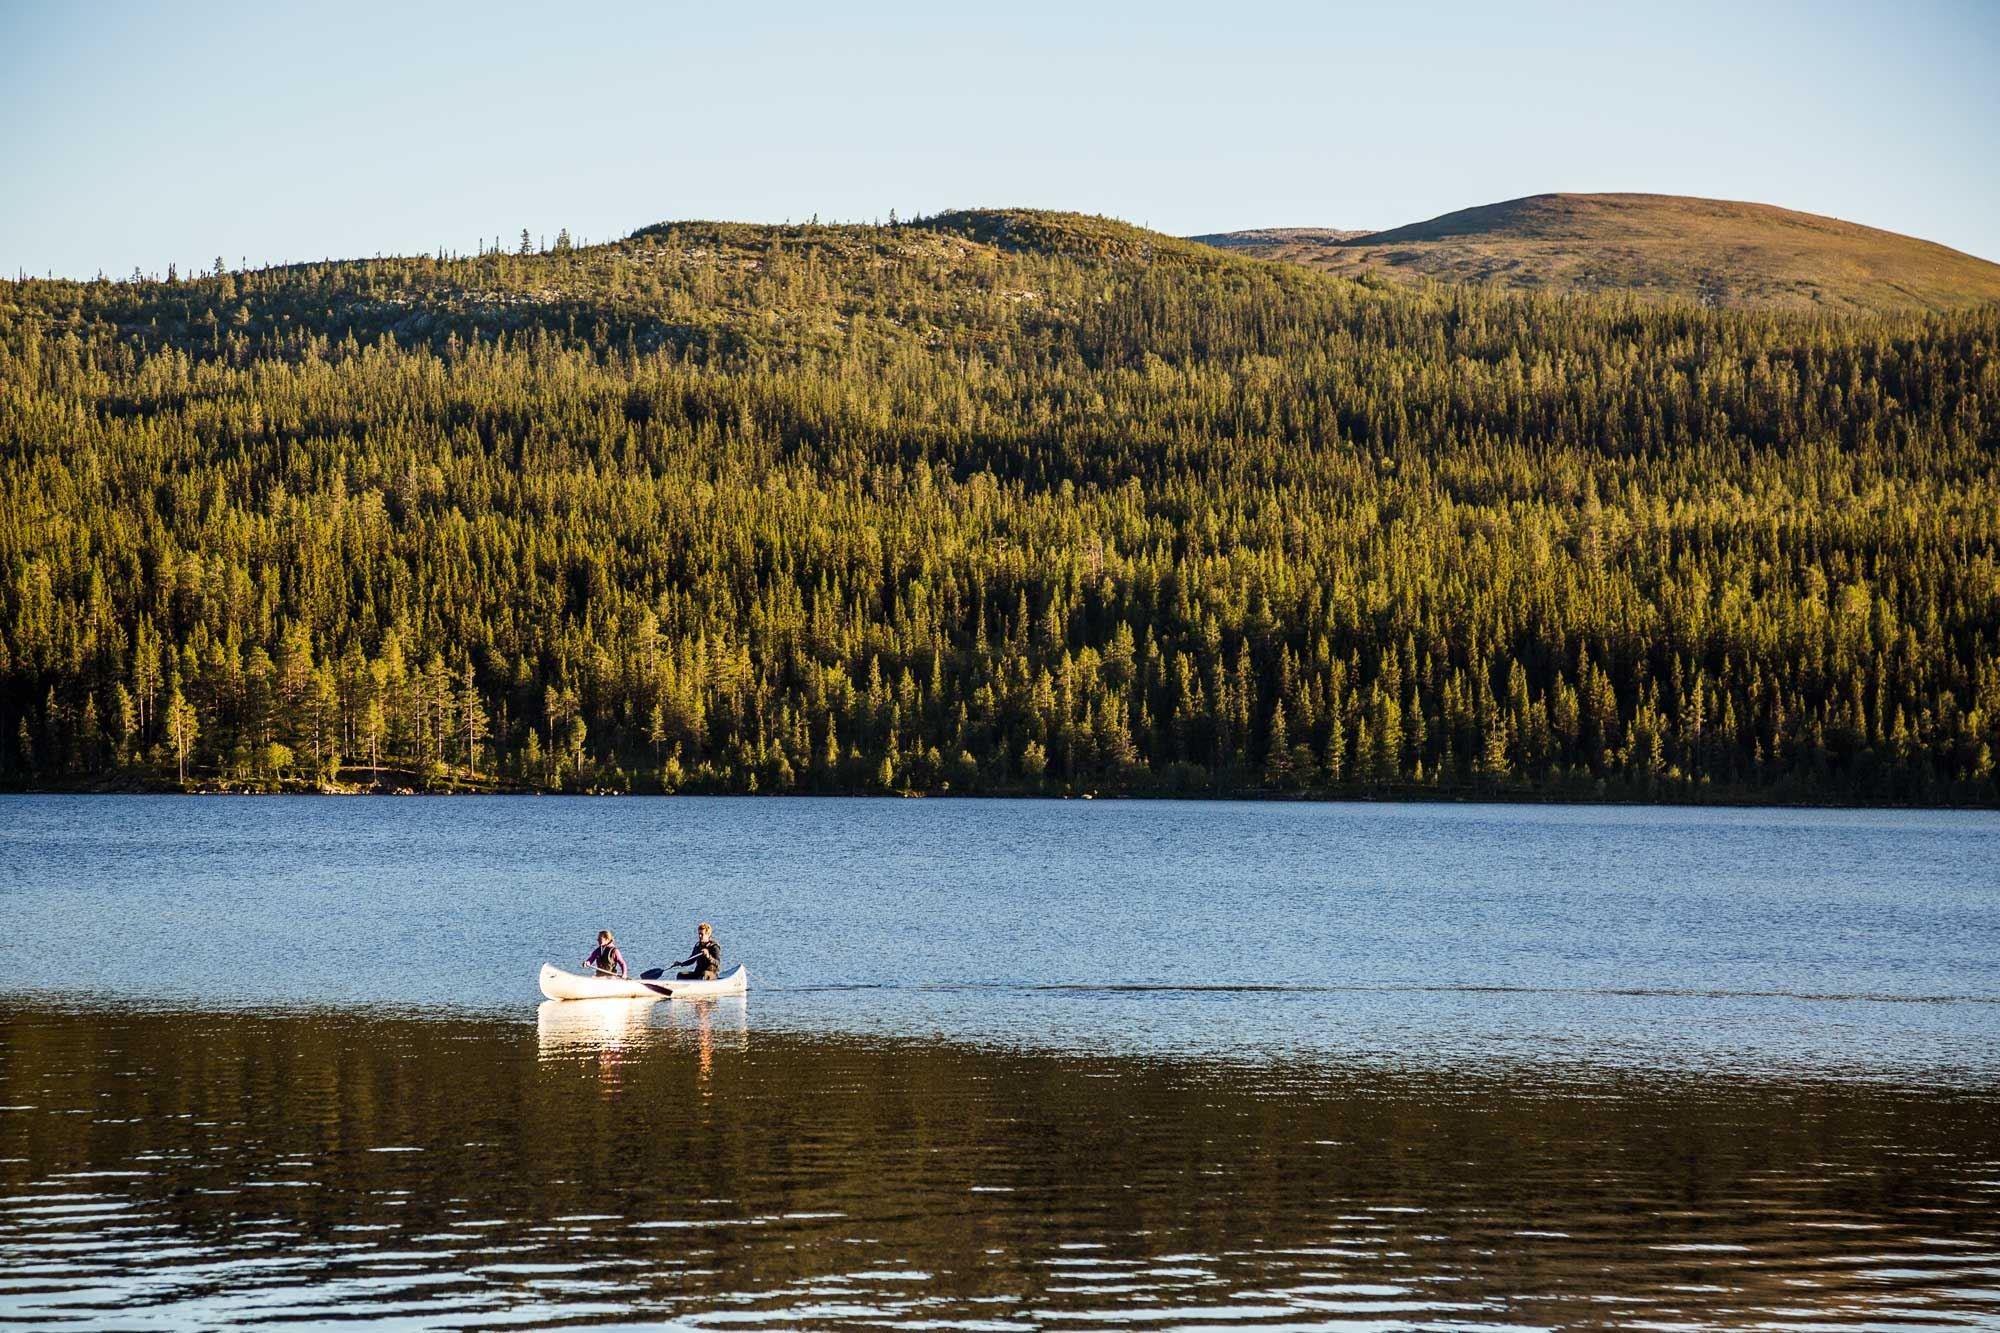 Hyr kanot